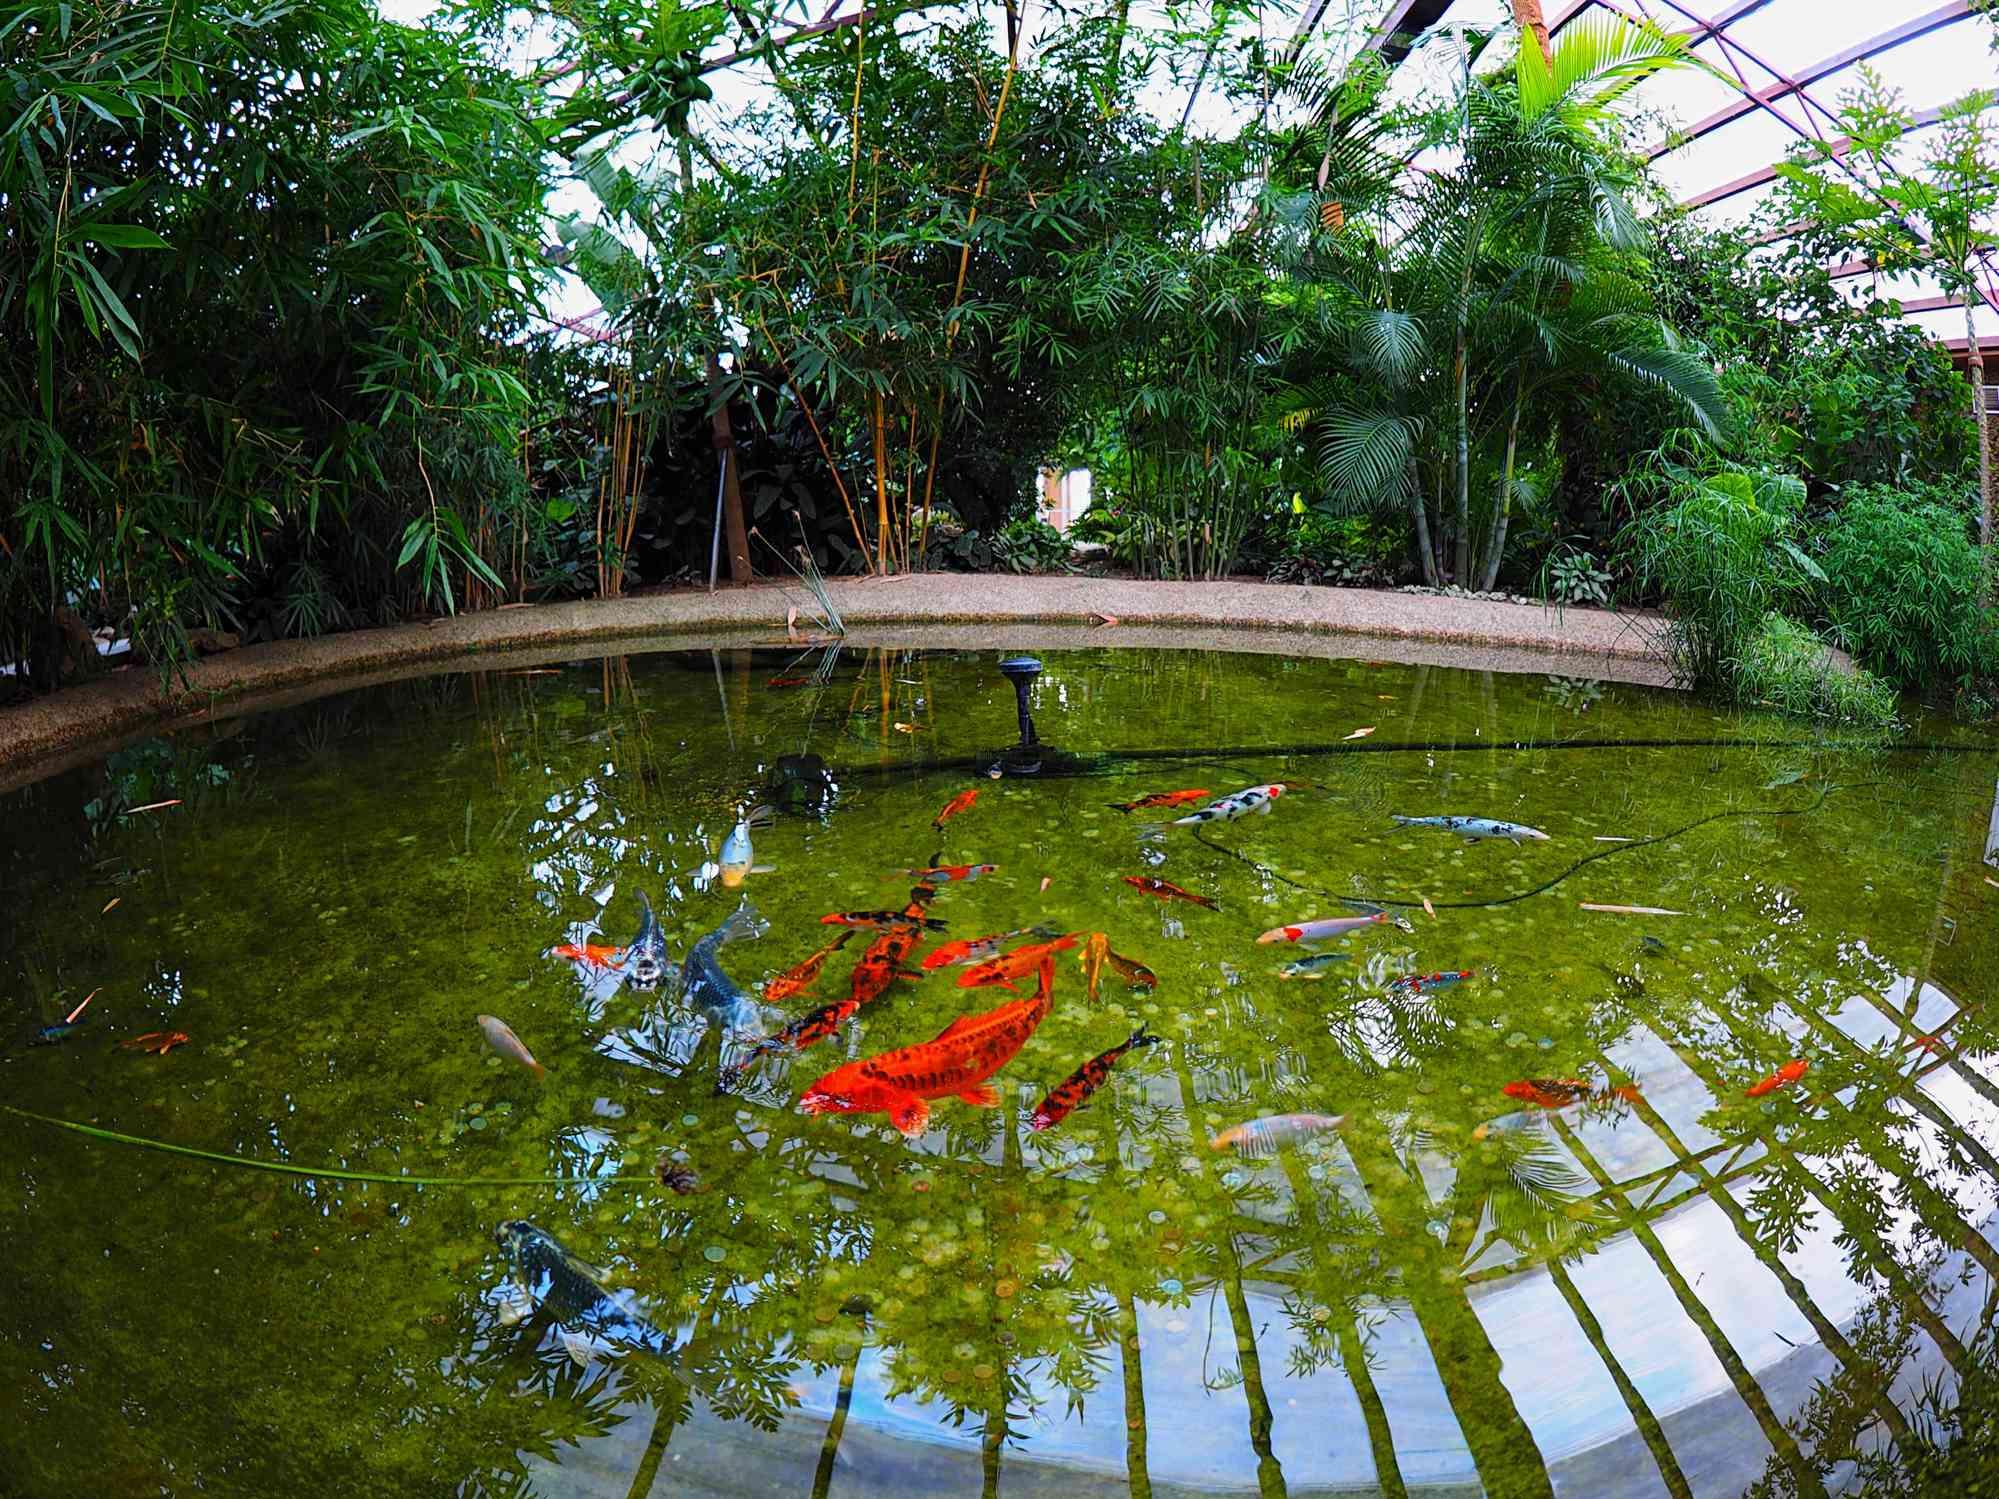 Belgorod Botanical Garden